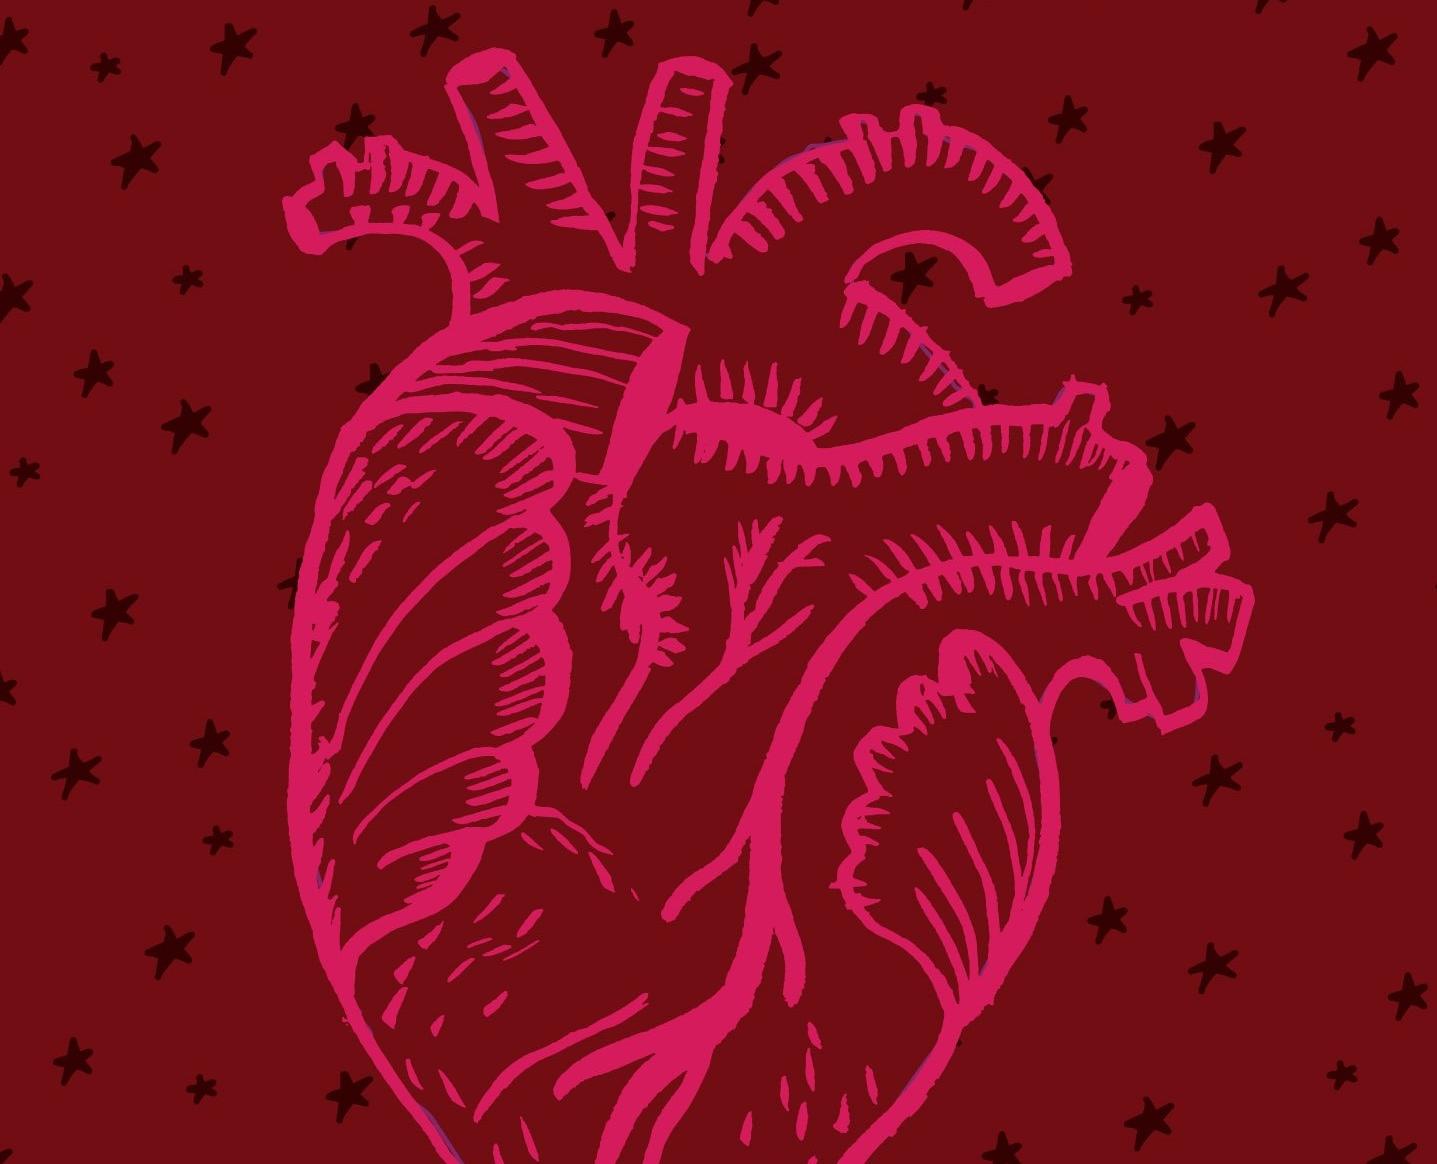 pedaço da capa do livro: um coração desenhado sobre fundo vermelho.